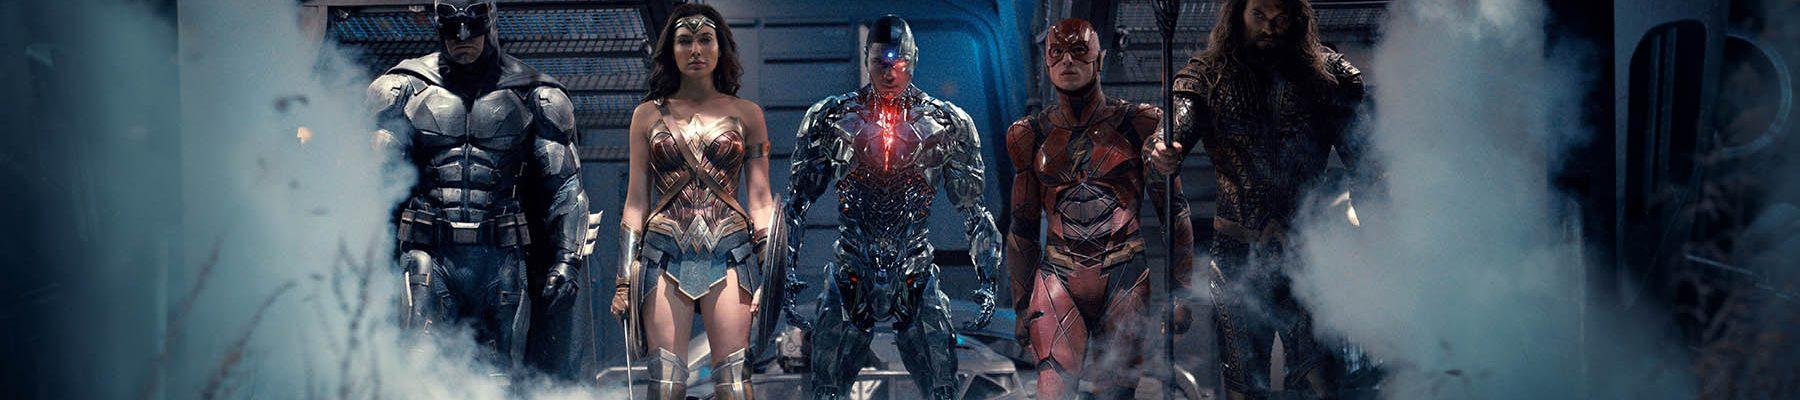 justice league trivia